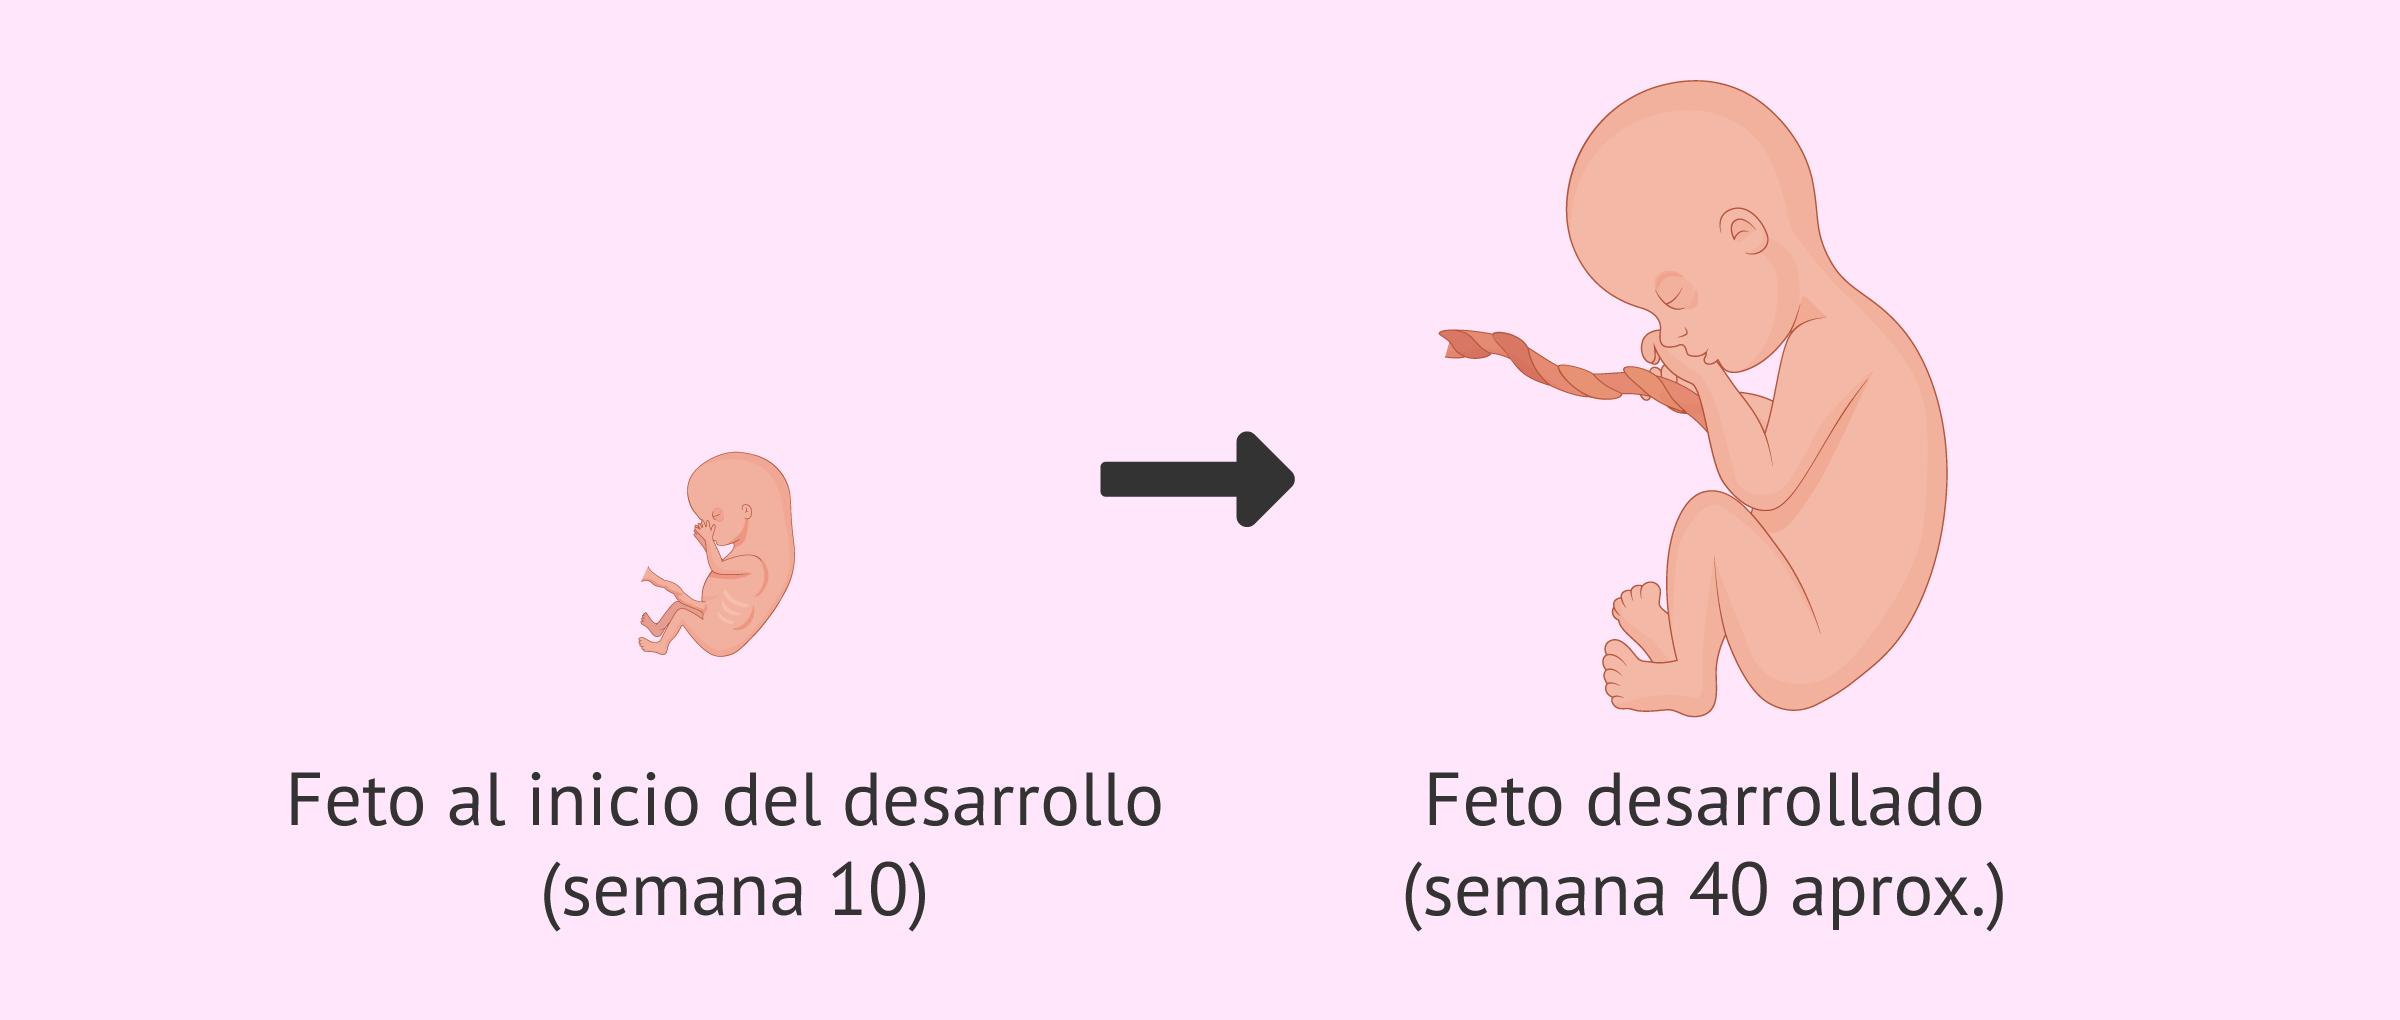 Ilustración de feto